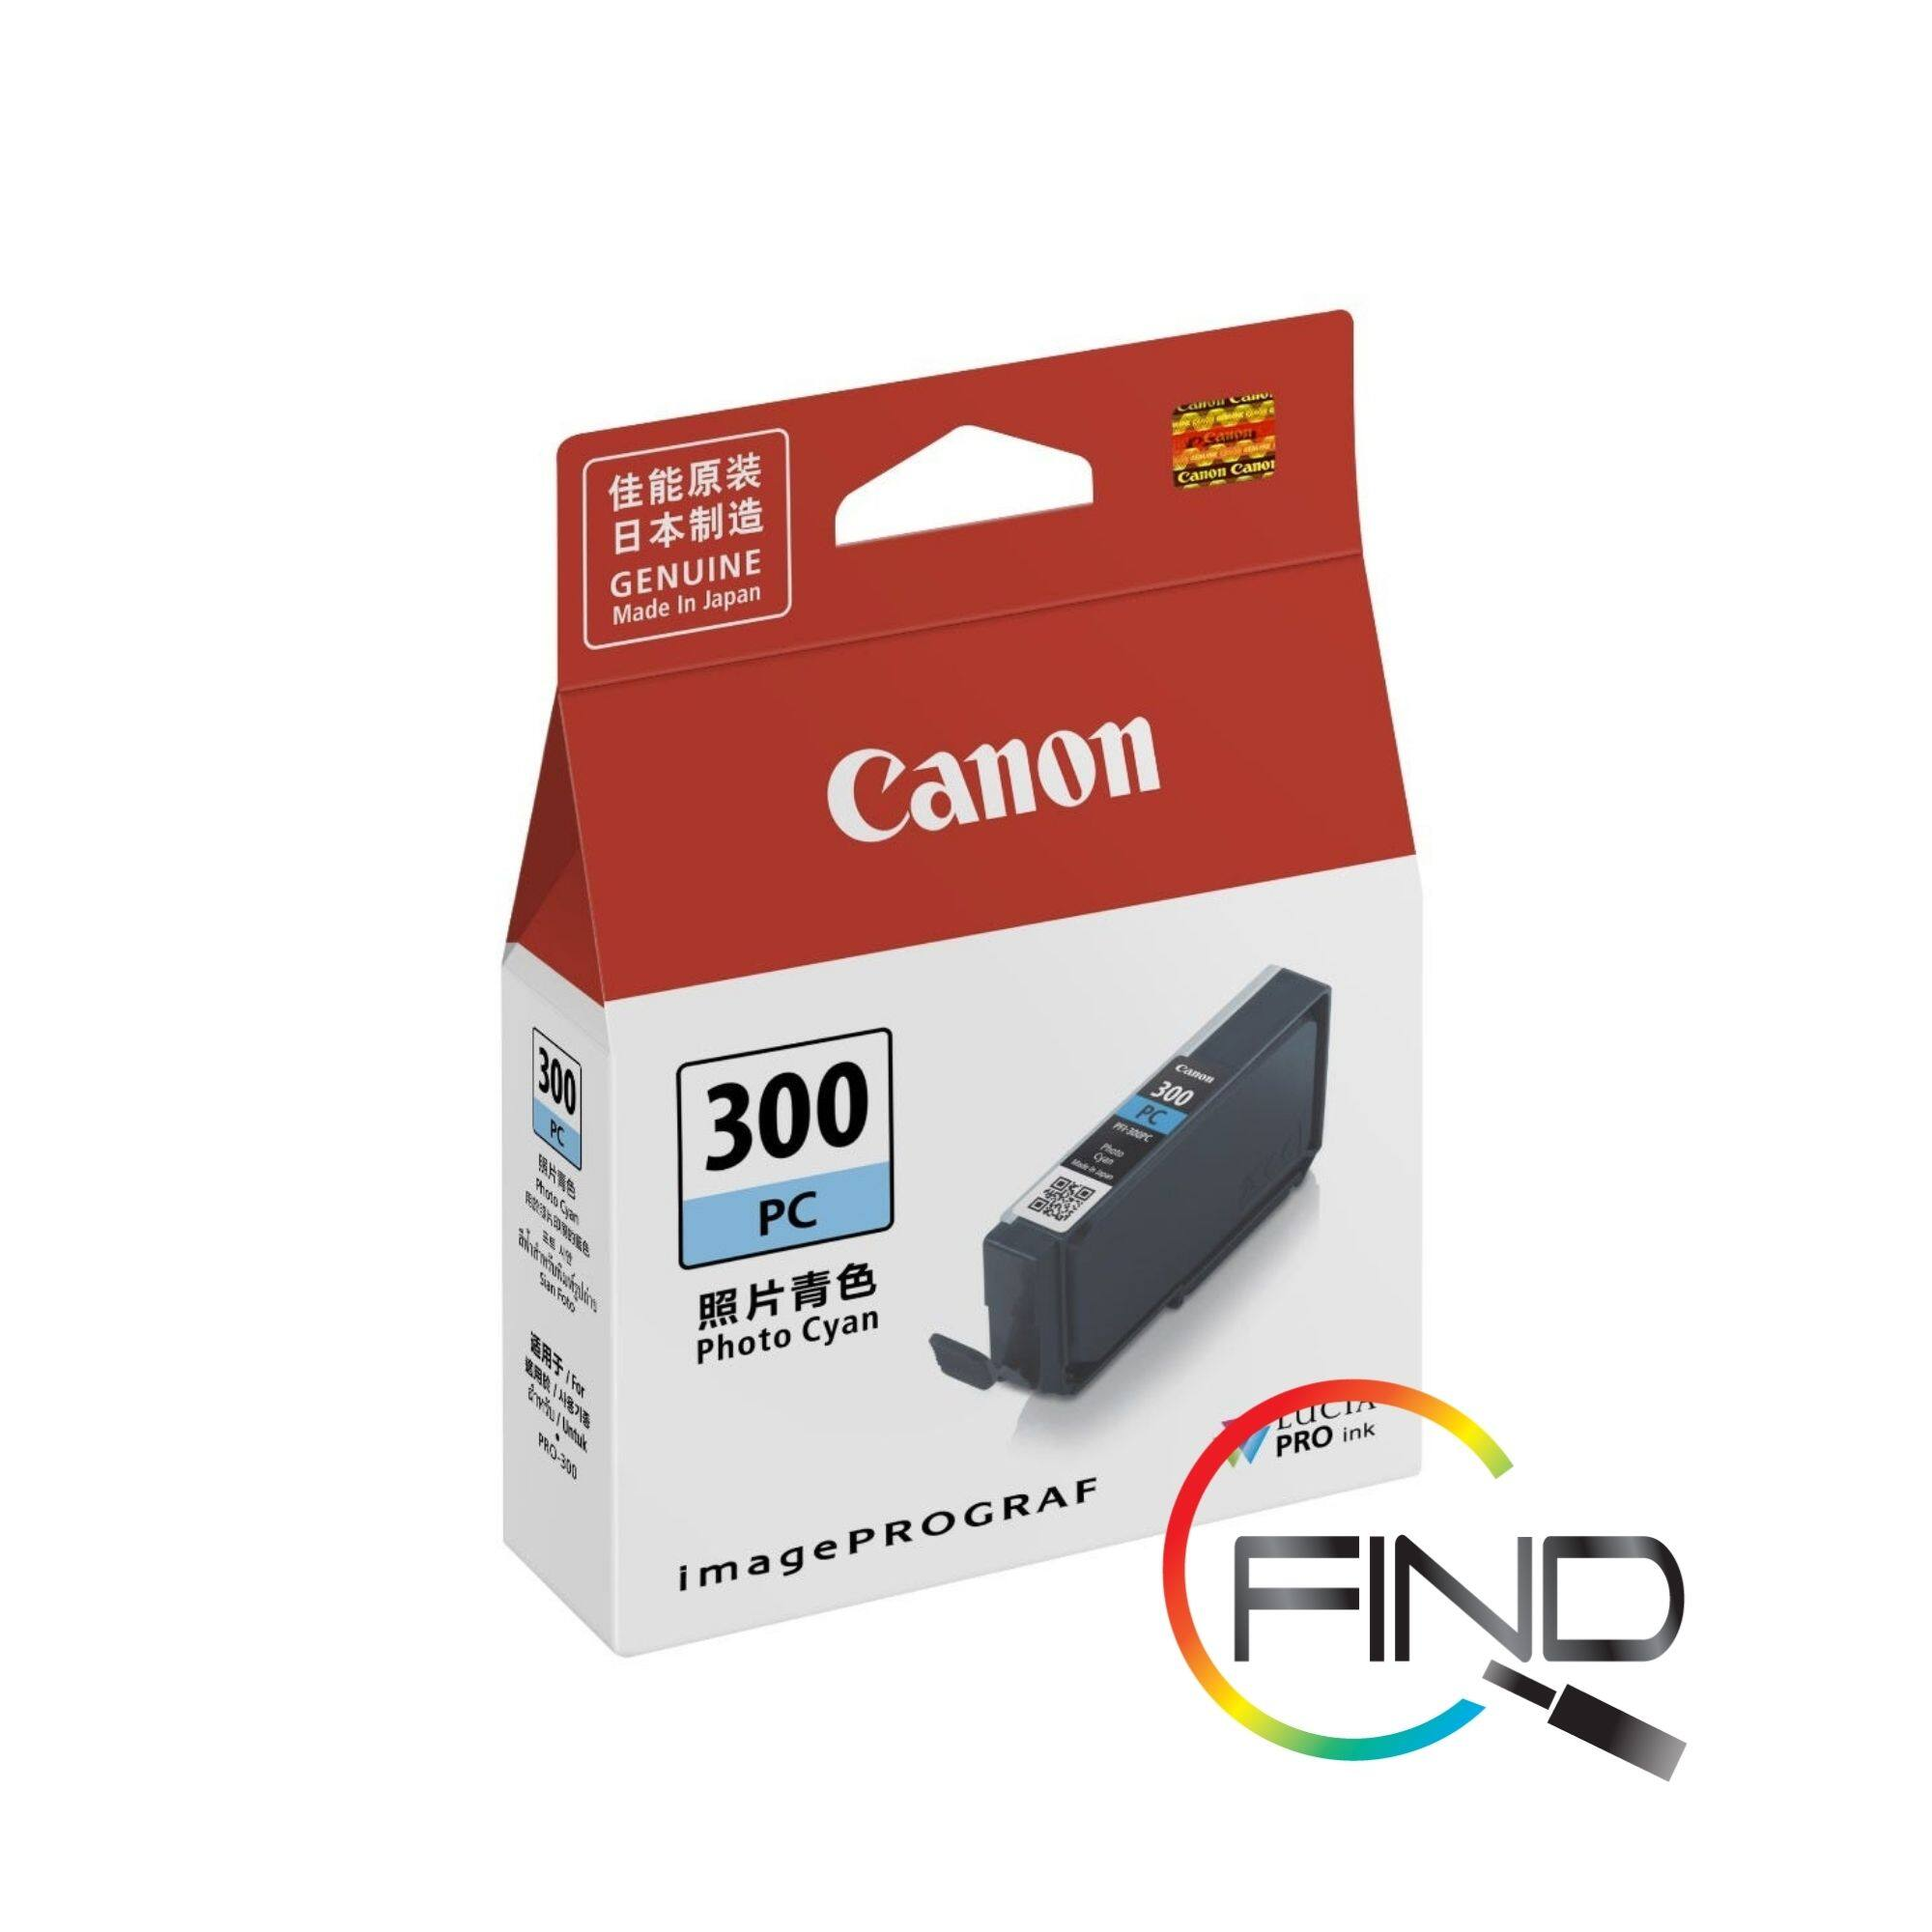 Canon PFI-300 Photo Cyan Cartridge (14.4 ml) for PRO-300 Printer